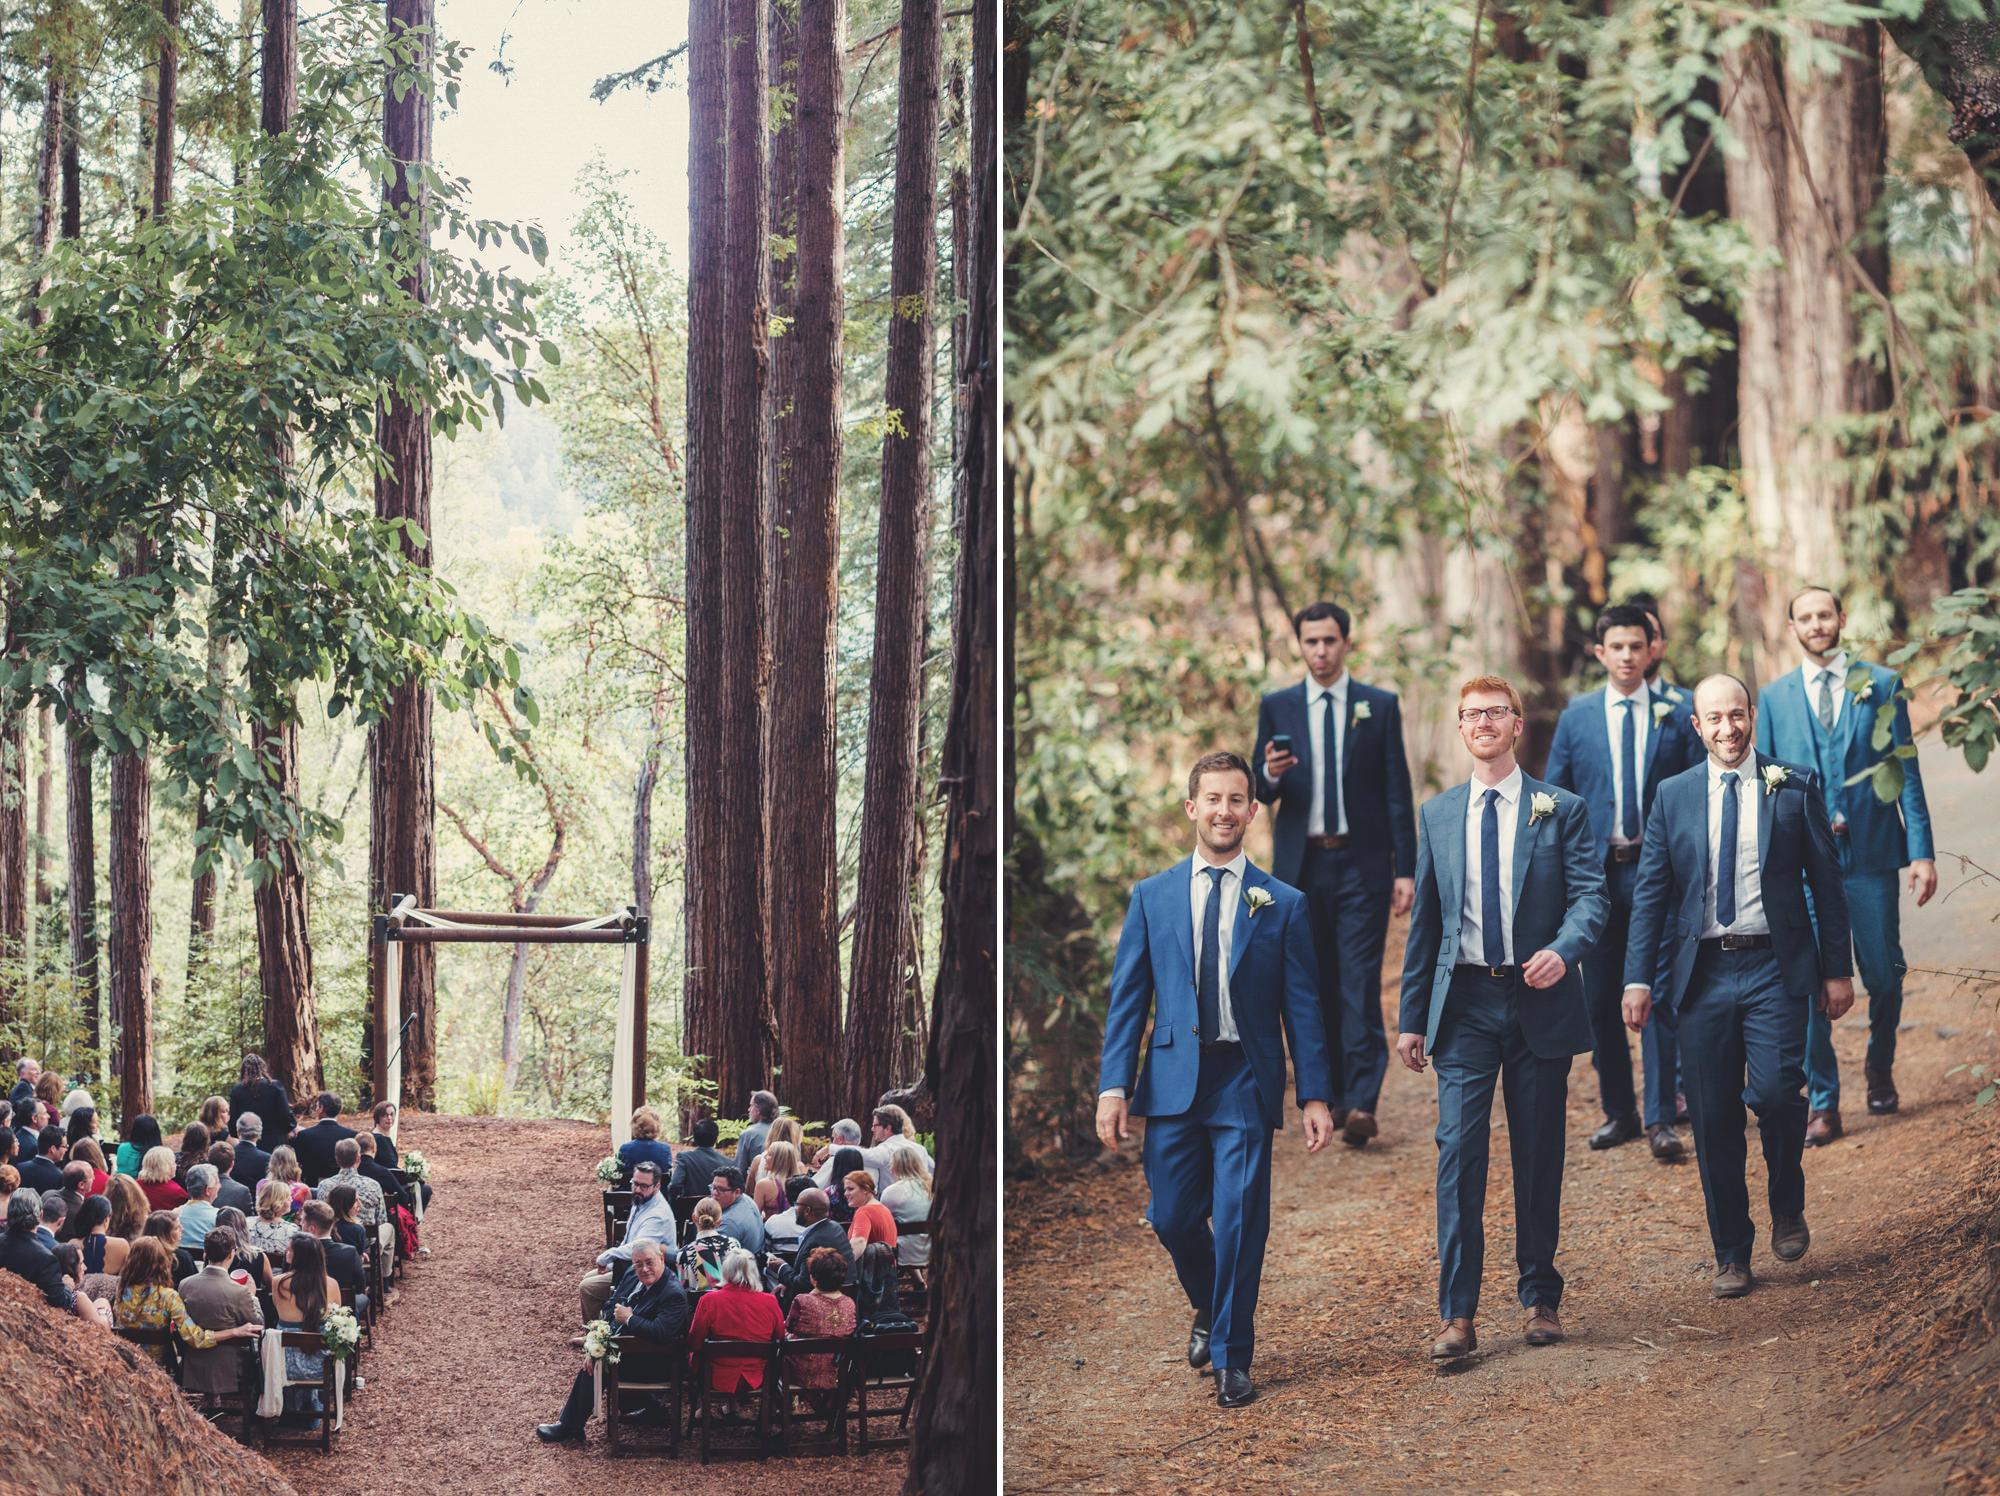 Sequoia Retreat Center Wedding@Anne-Claire Brun 48